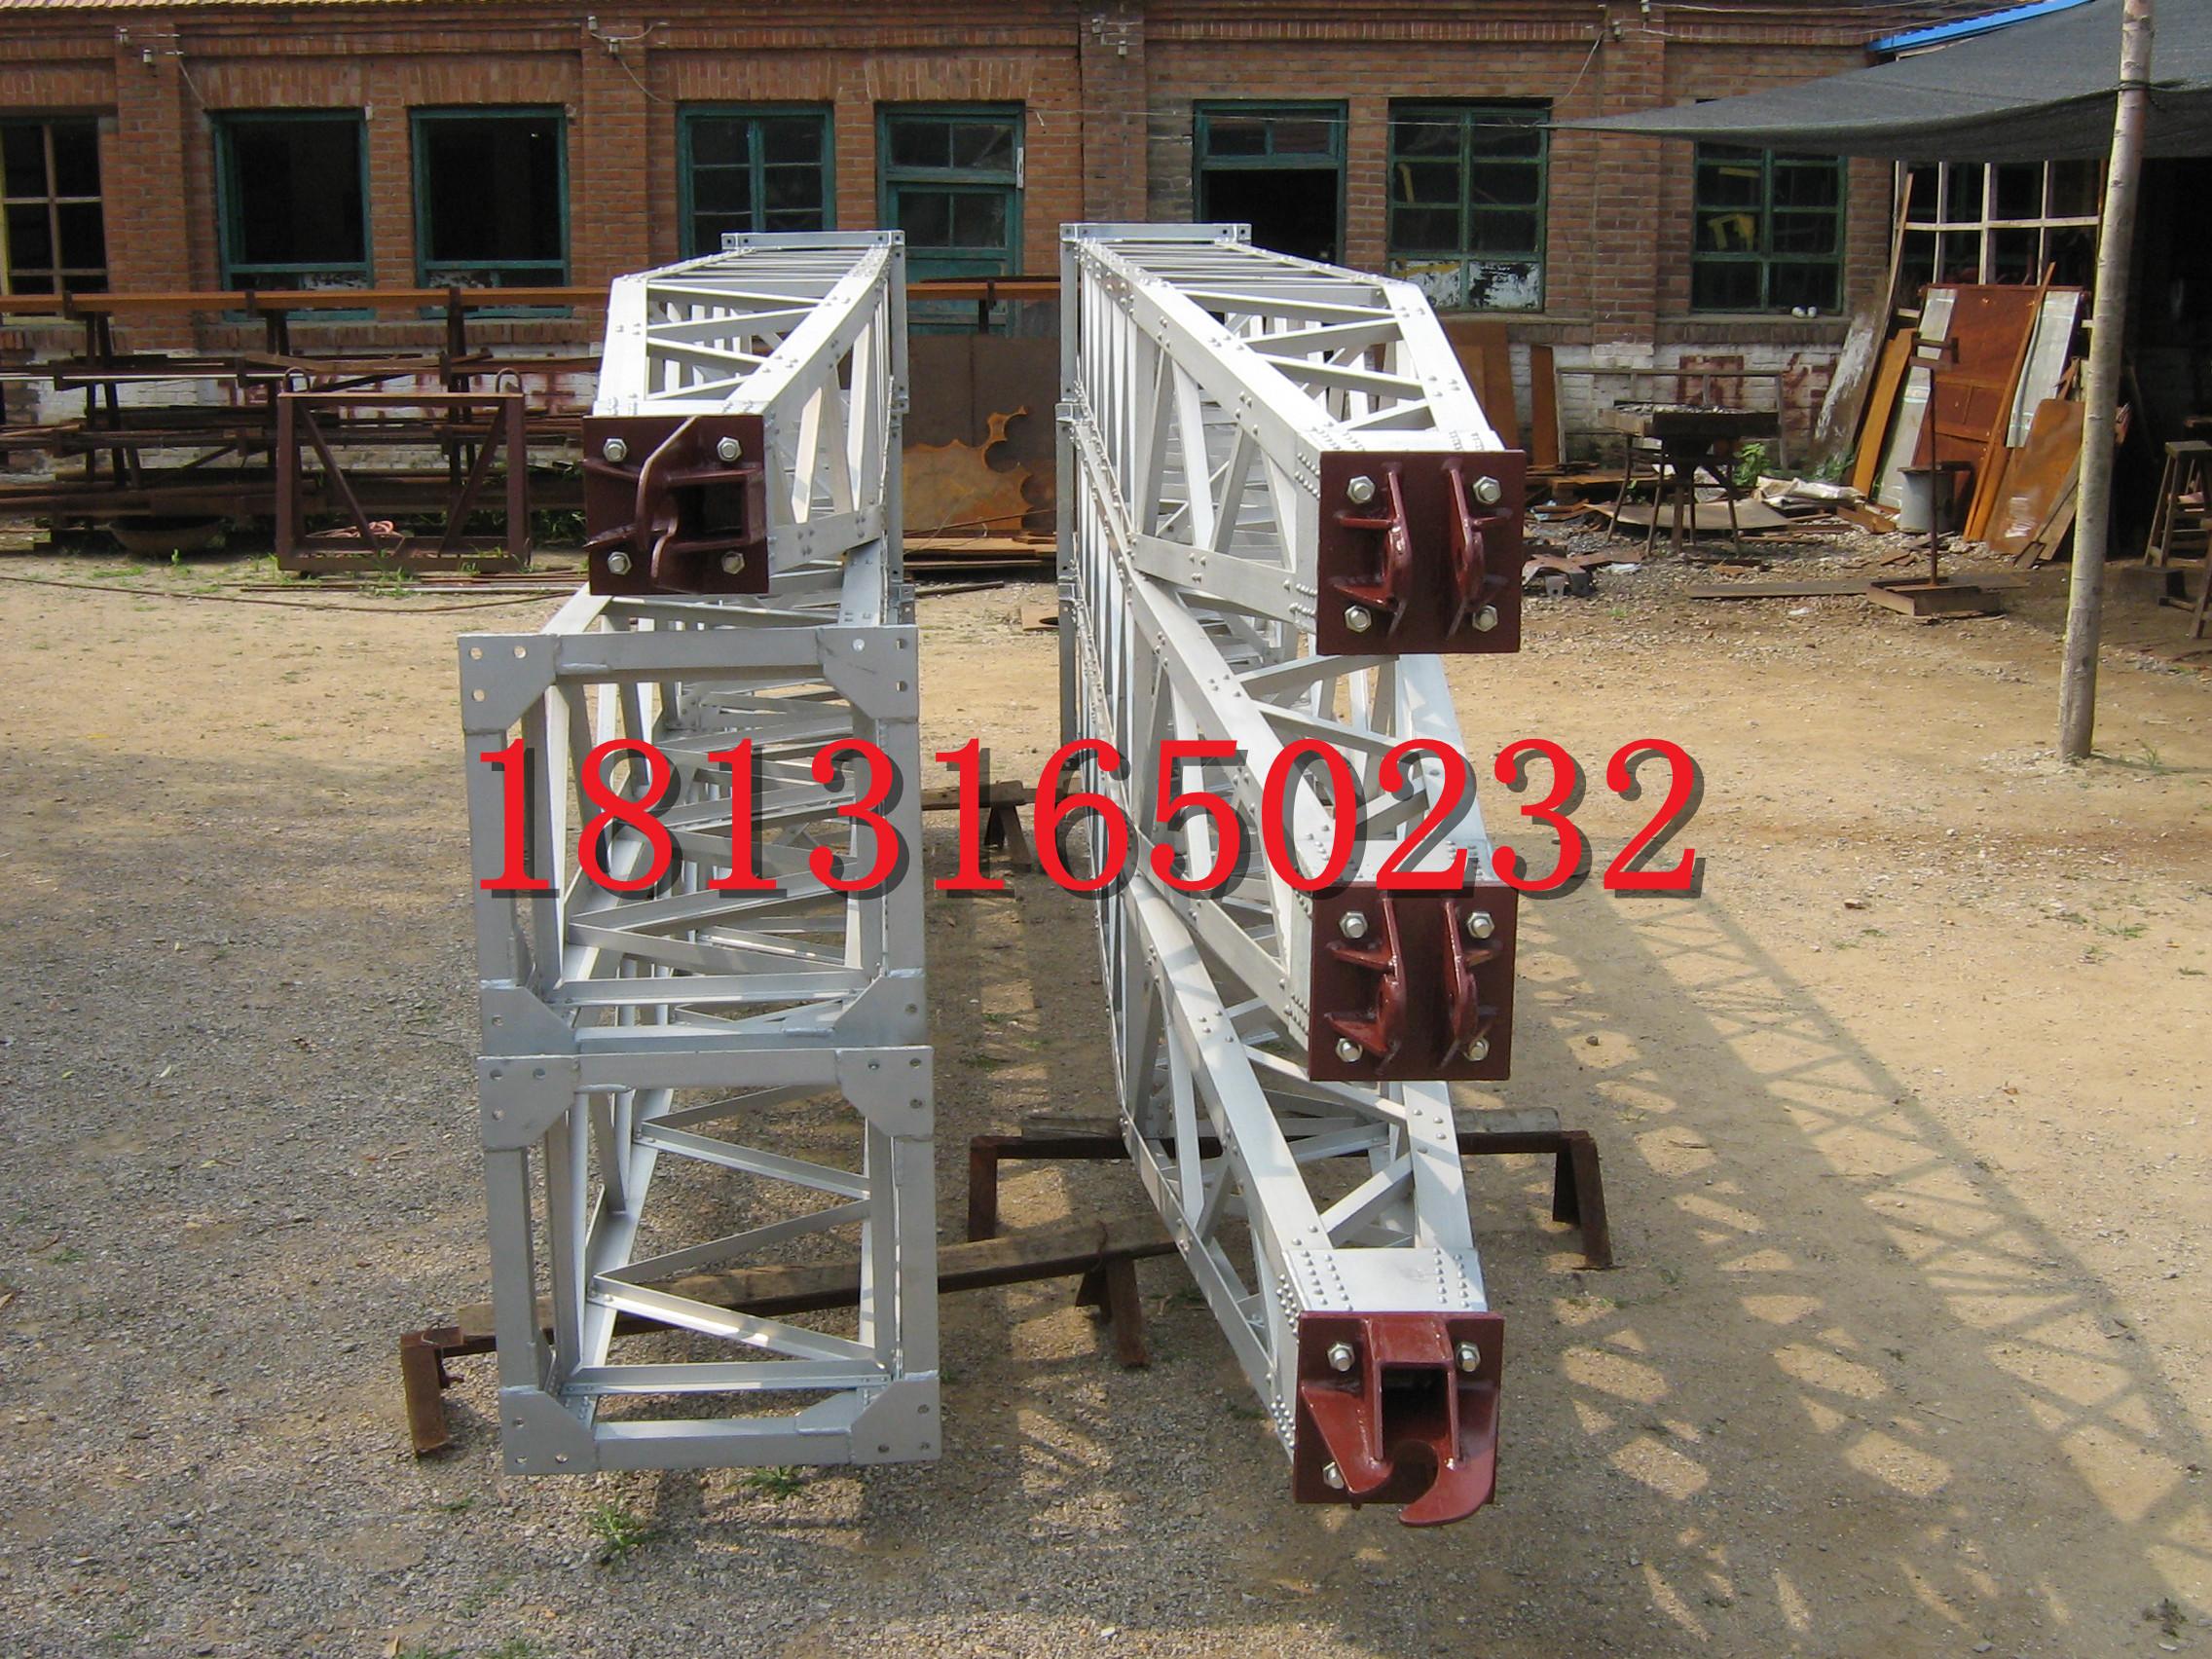 立杆机 铝合金内悬浮独角抱杆扒杆立杆机,铝合金内悬浮抱杆。